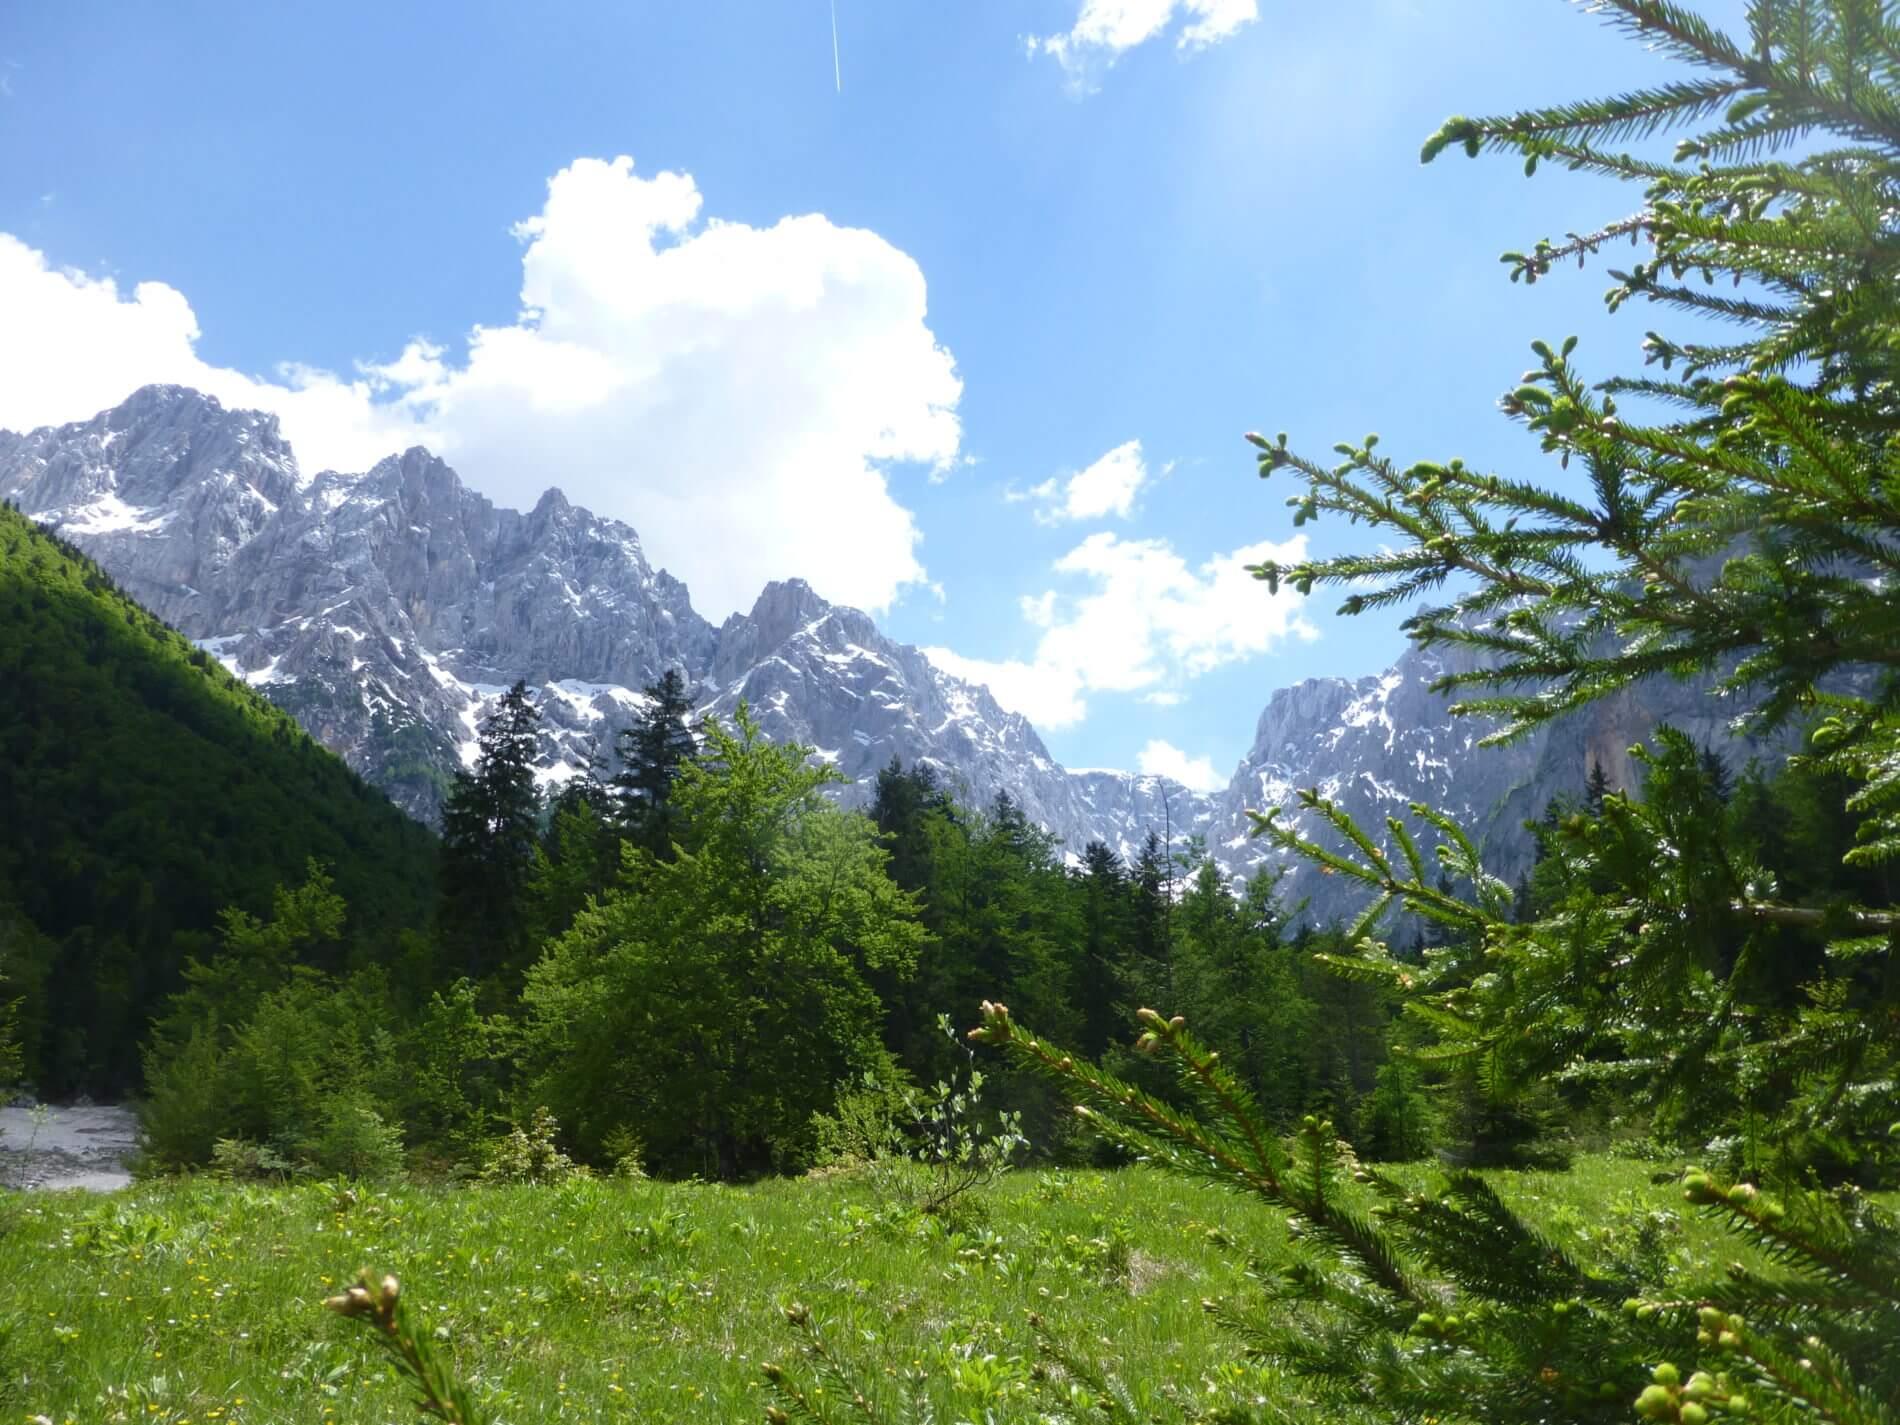 AAT_Alpe-Adria-Trail_Etappe eins_Berge mit Schnee